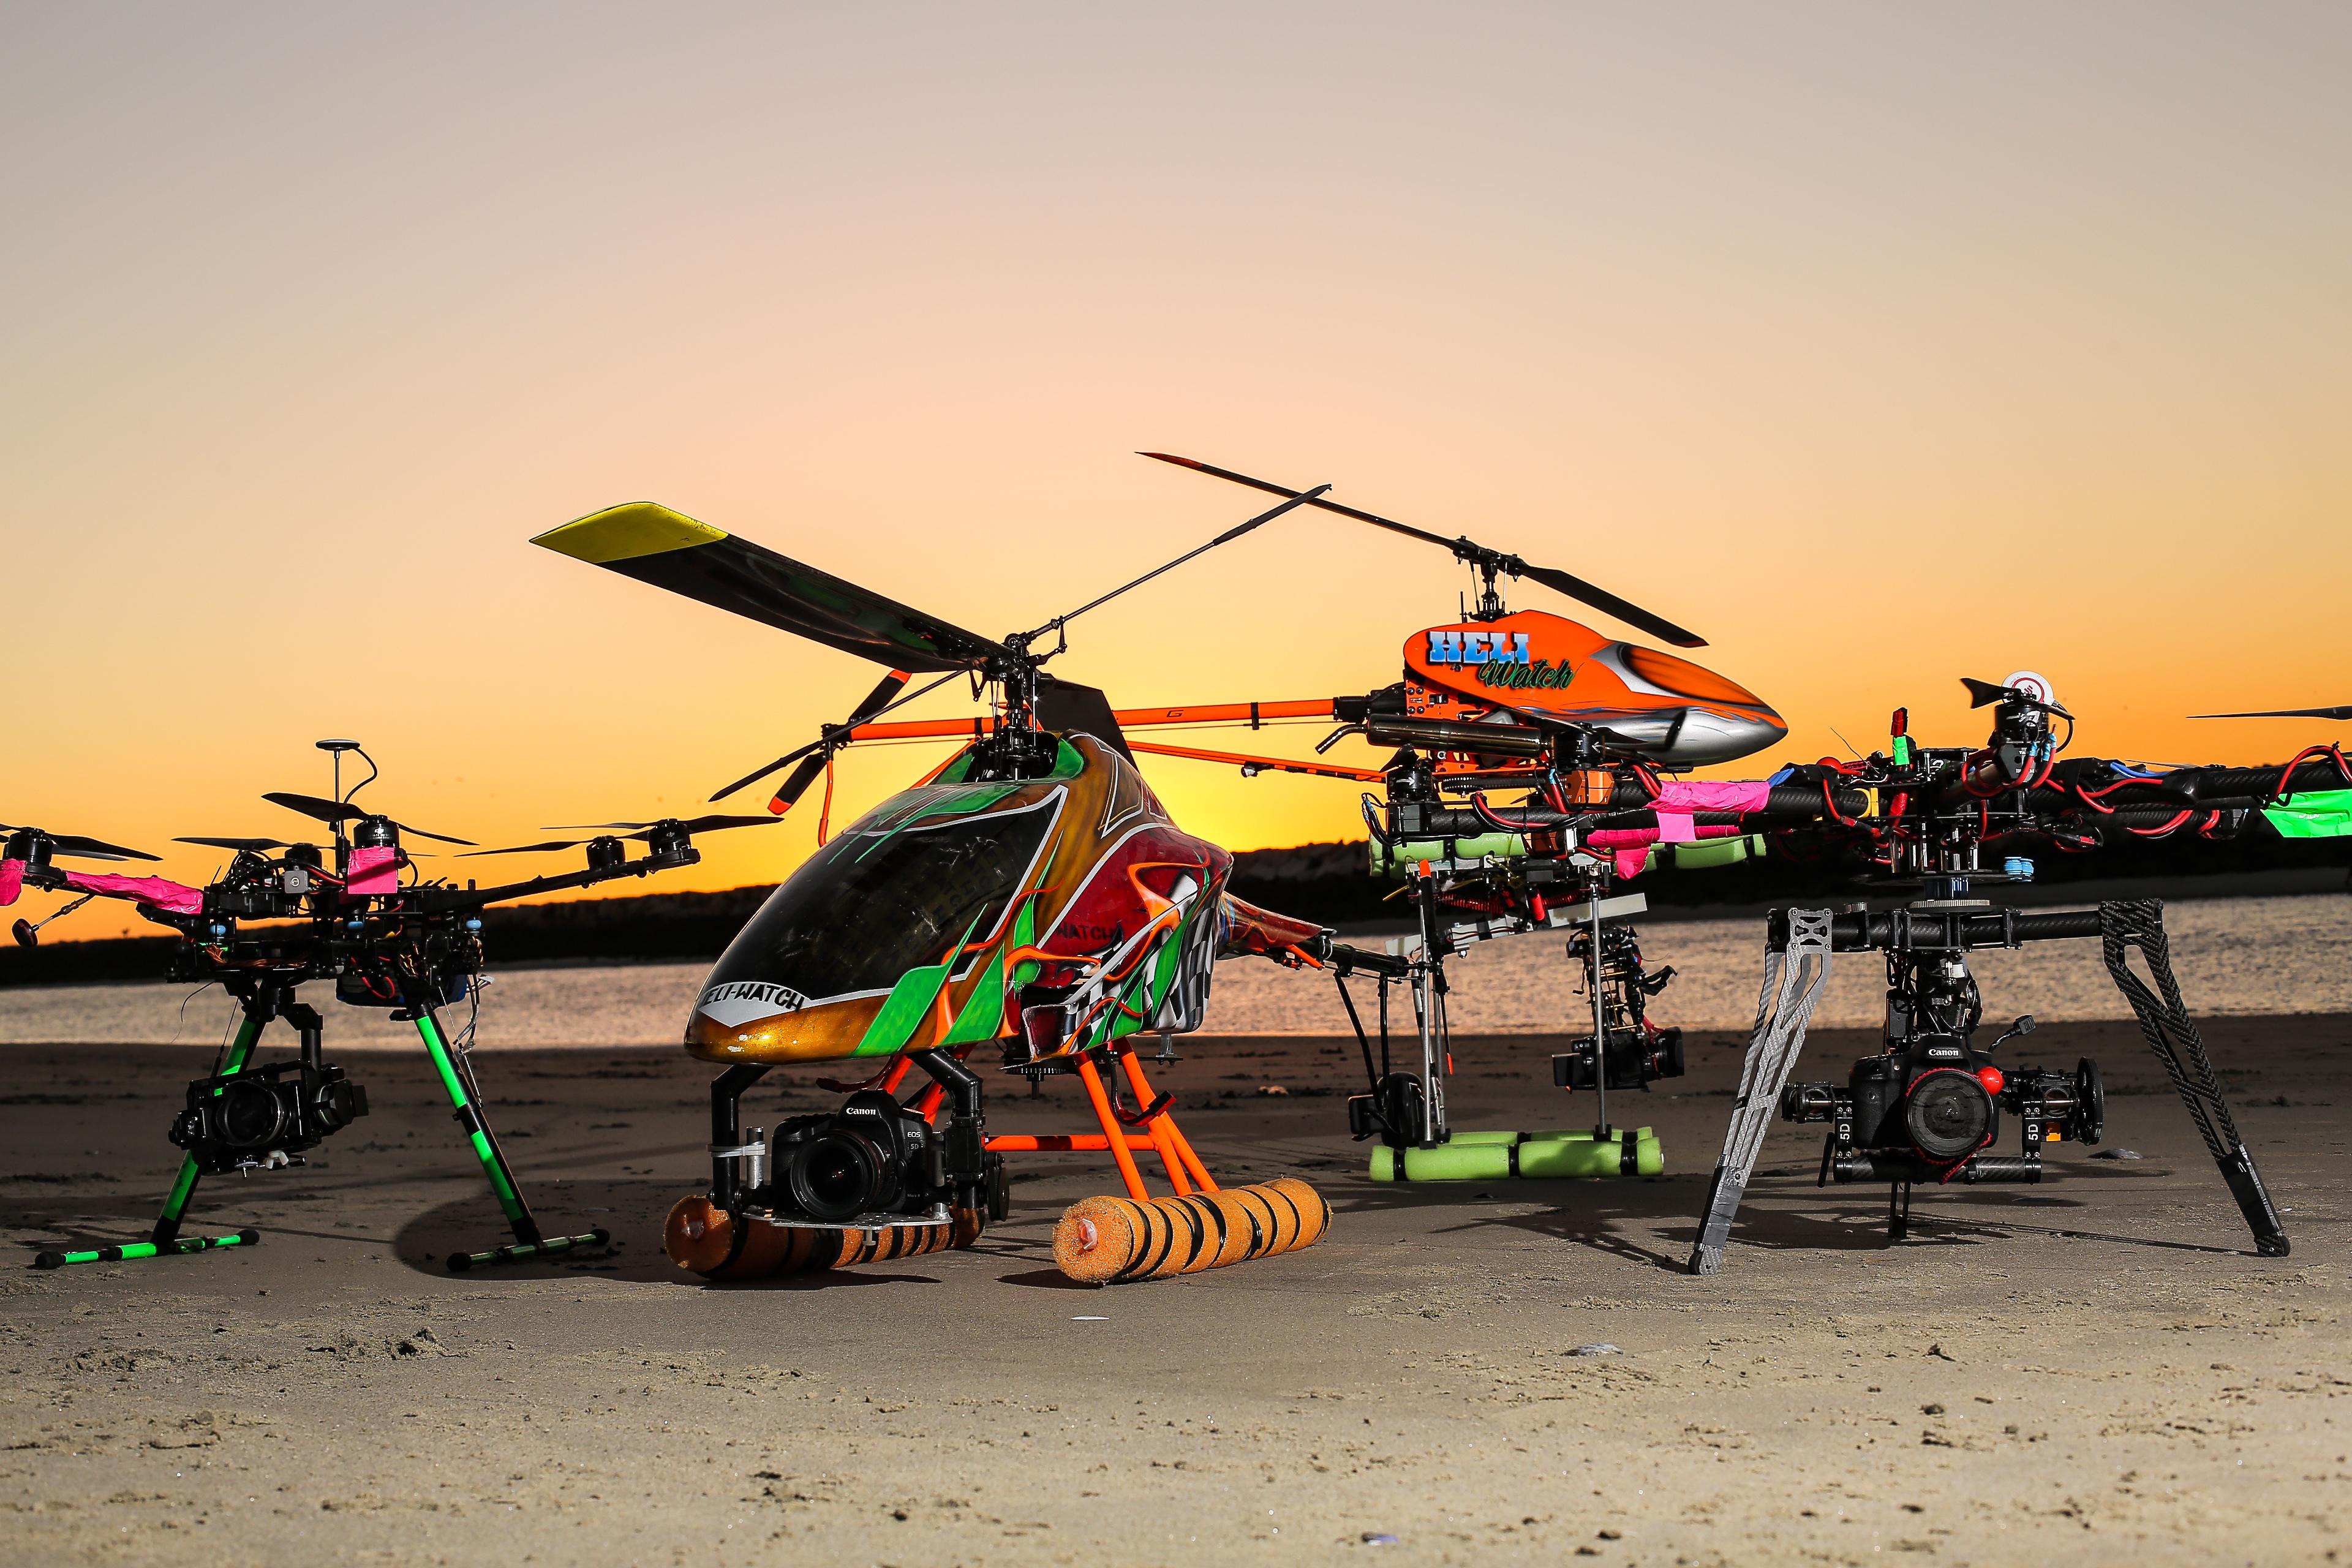 Heli Watch Drone Video Fleet